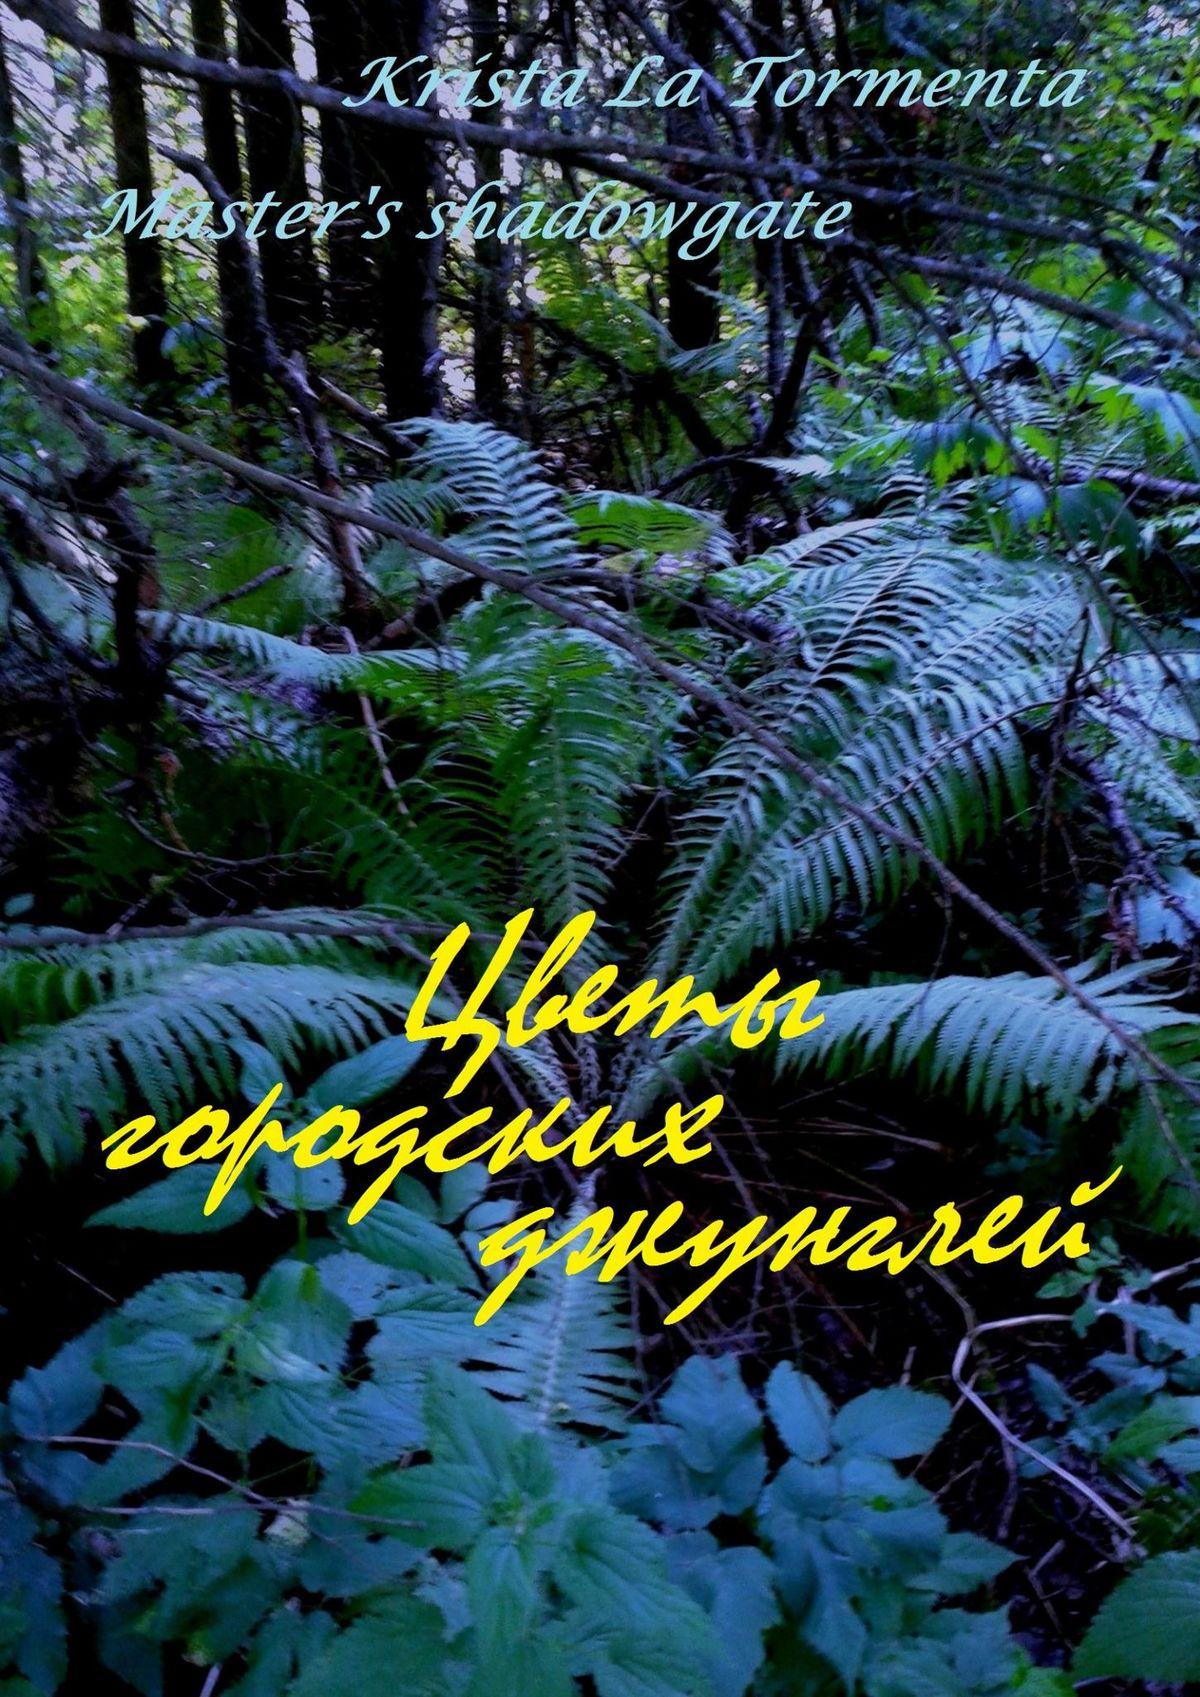 Krista La Tormenta Цветы городских джунглей